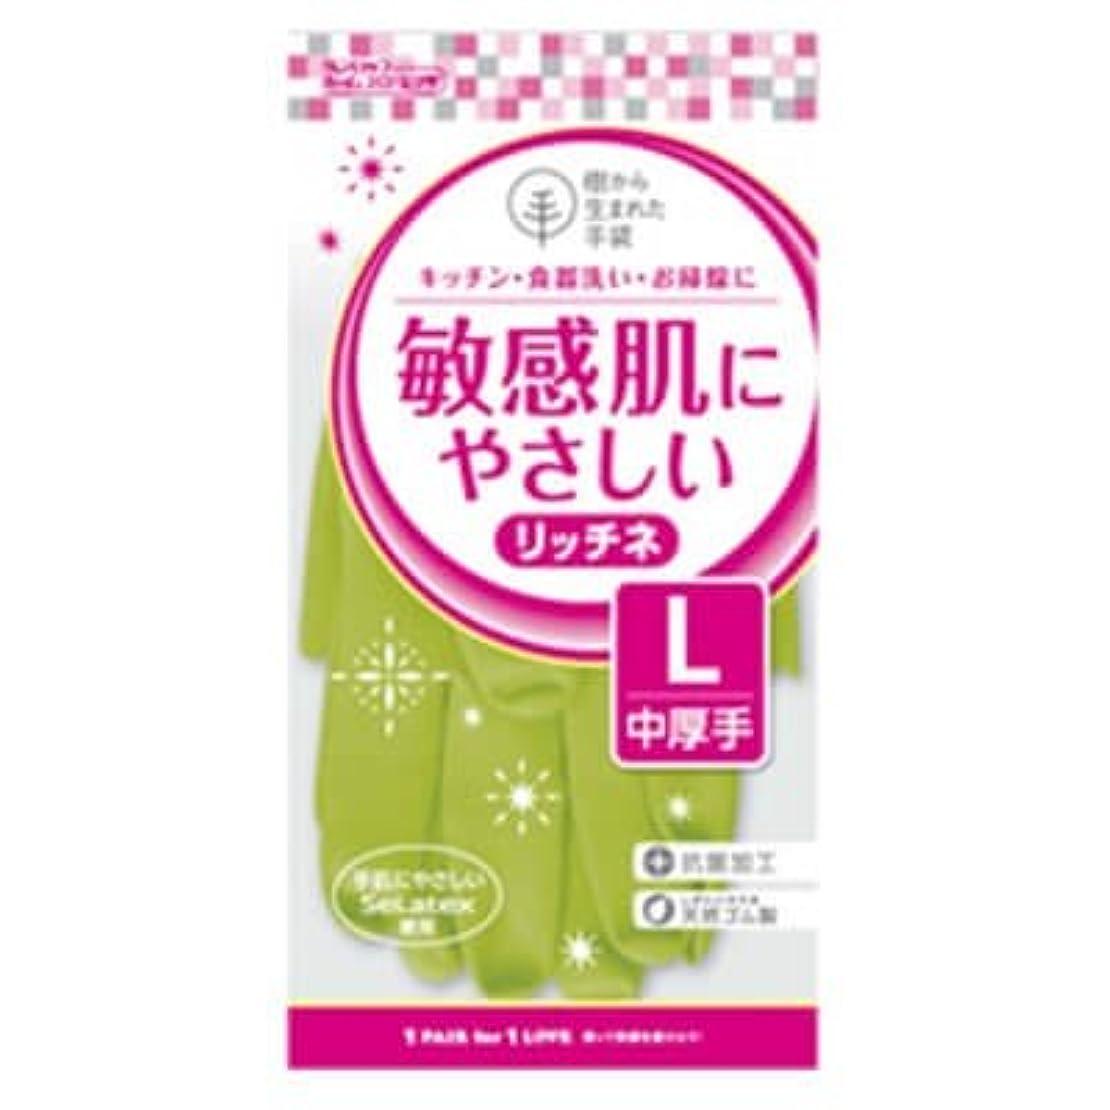 呼び出す変形貴重な【ケース販売】 ダンロップ 敏感肌にやさしい リッチネ 中厚手 L グリーン (10双×12袋)